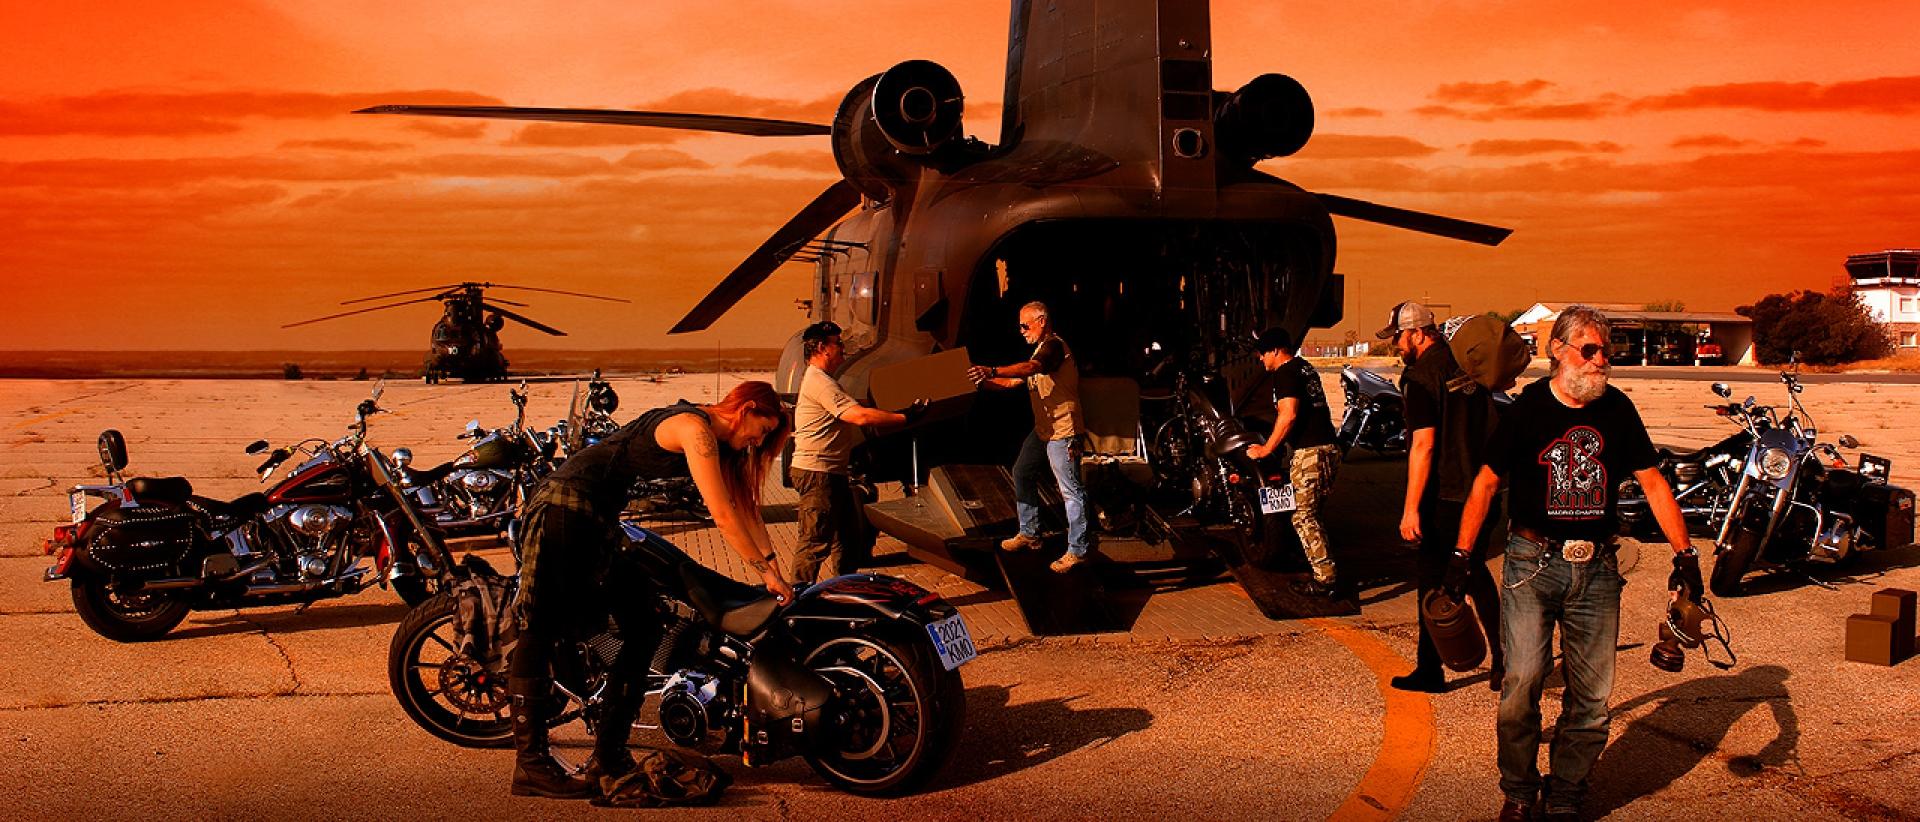 Moteros junto a un helicóptero en la base aérea FAMET